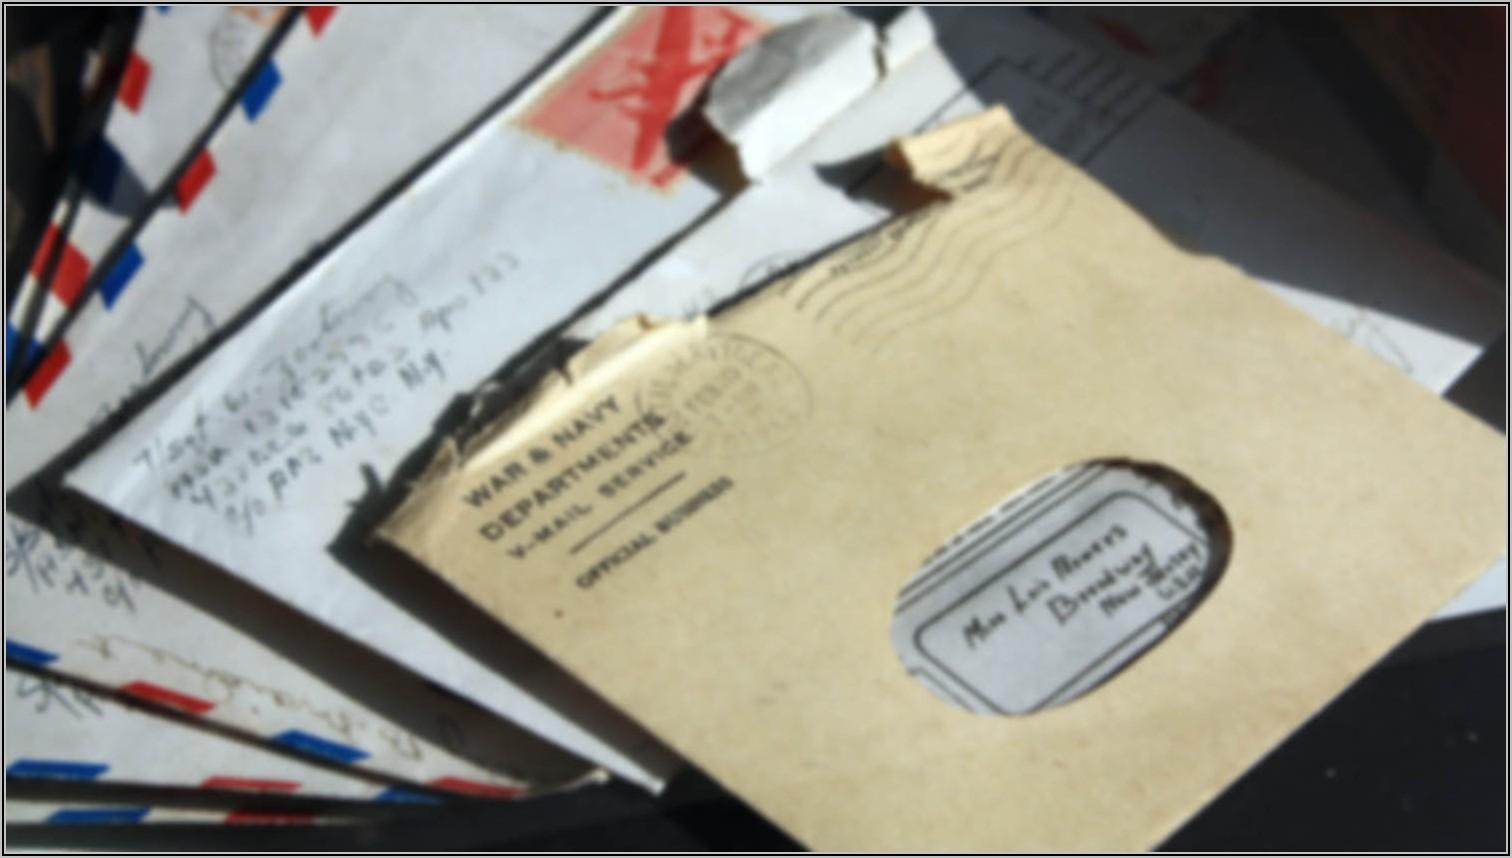 Soc Sec For Ins White Envelope